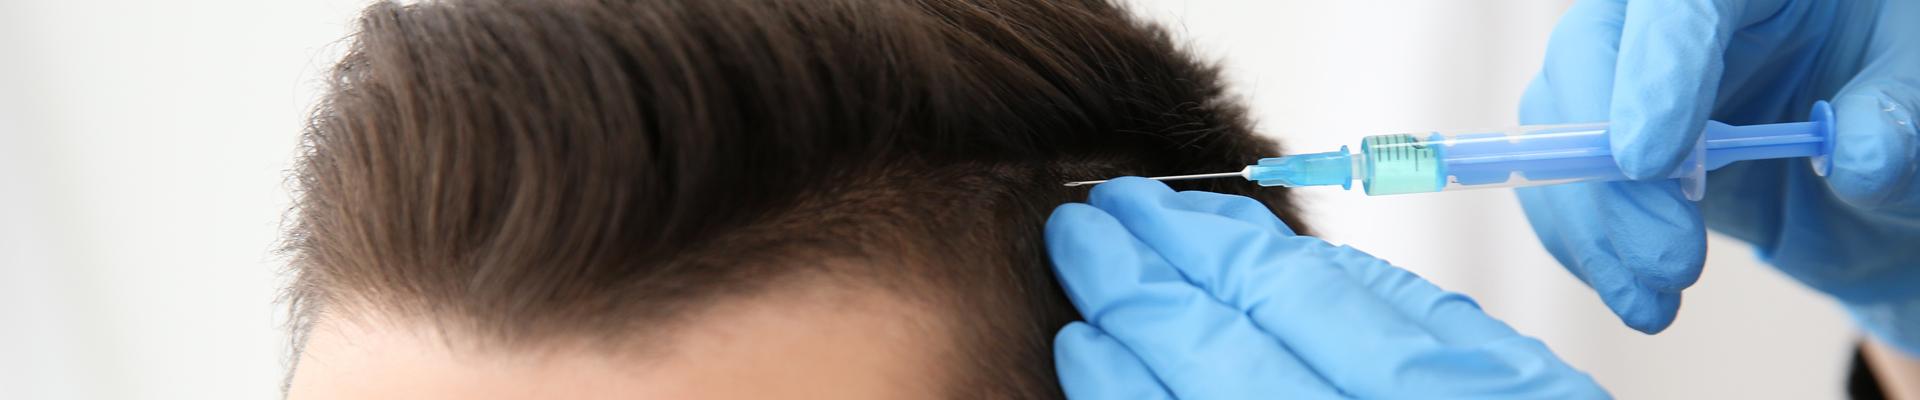 Tipps nach einer Haartransplantation - KÖ-HAIR